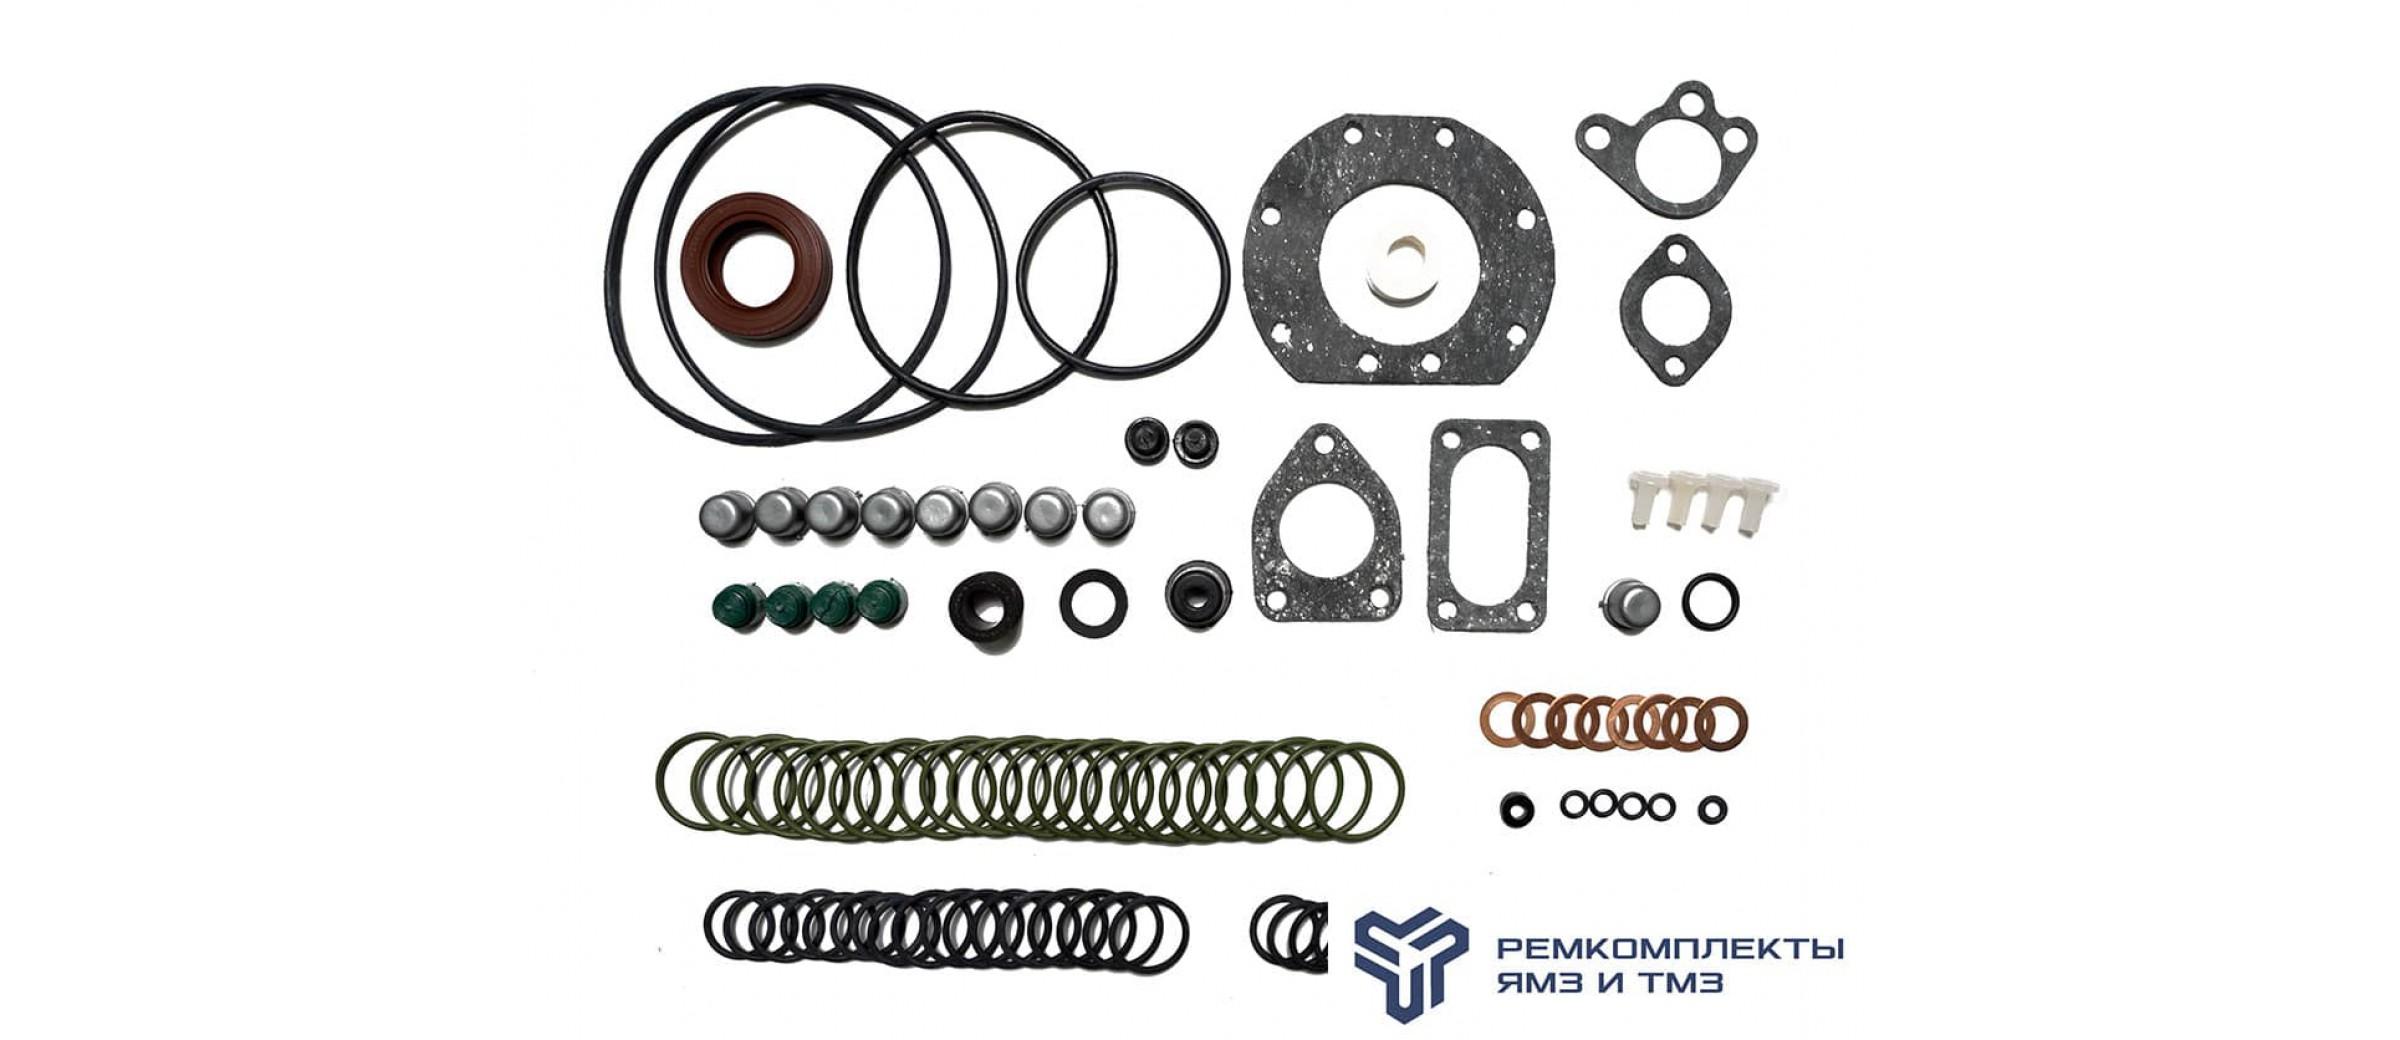 Ремкомплект ТНВД 179 (РТИ,парон,медь,пластик) ЕВРО-3